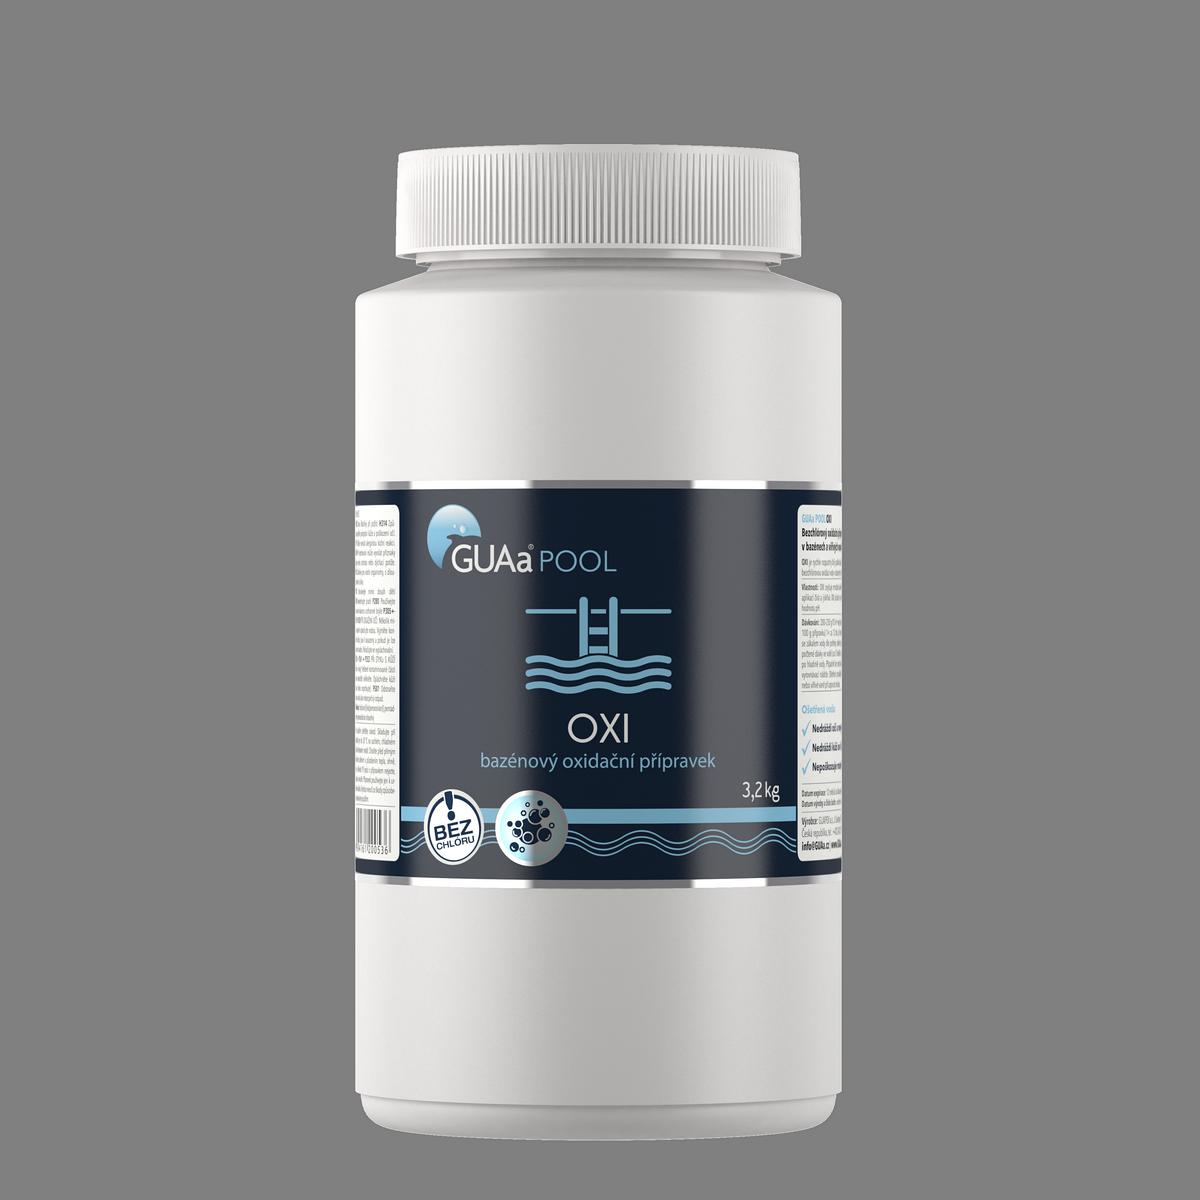 GUAa POOL OXI 3,2 kg - bezchlórový bazénový oxidační přípravek